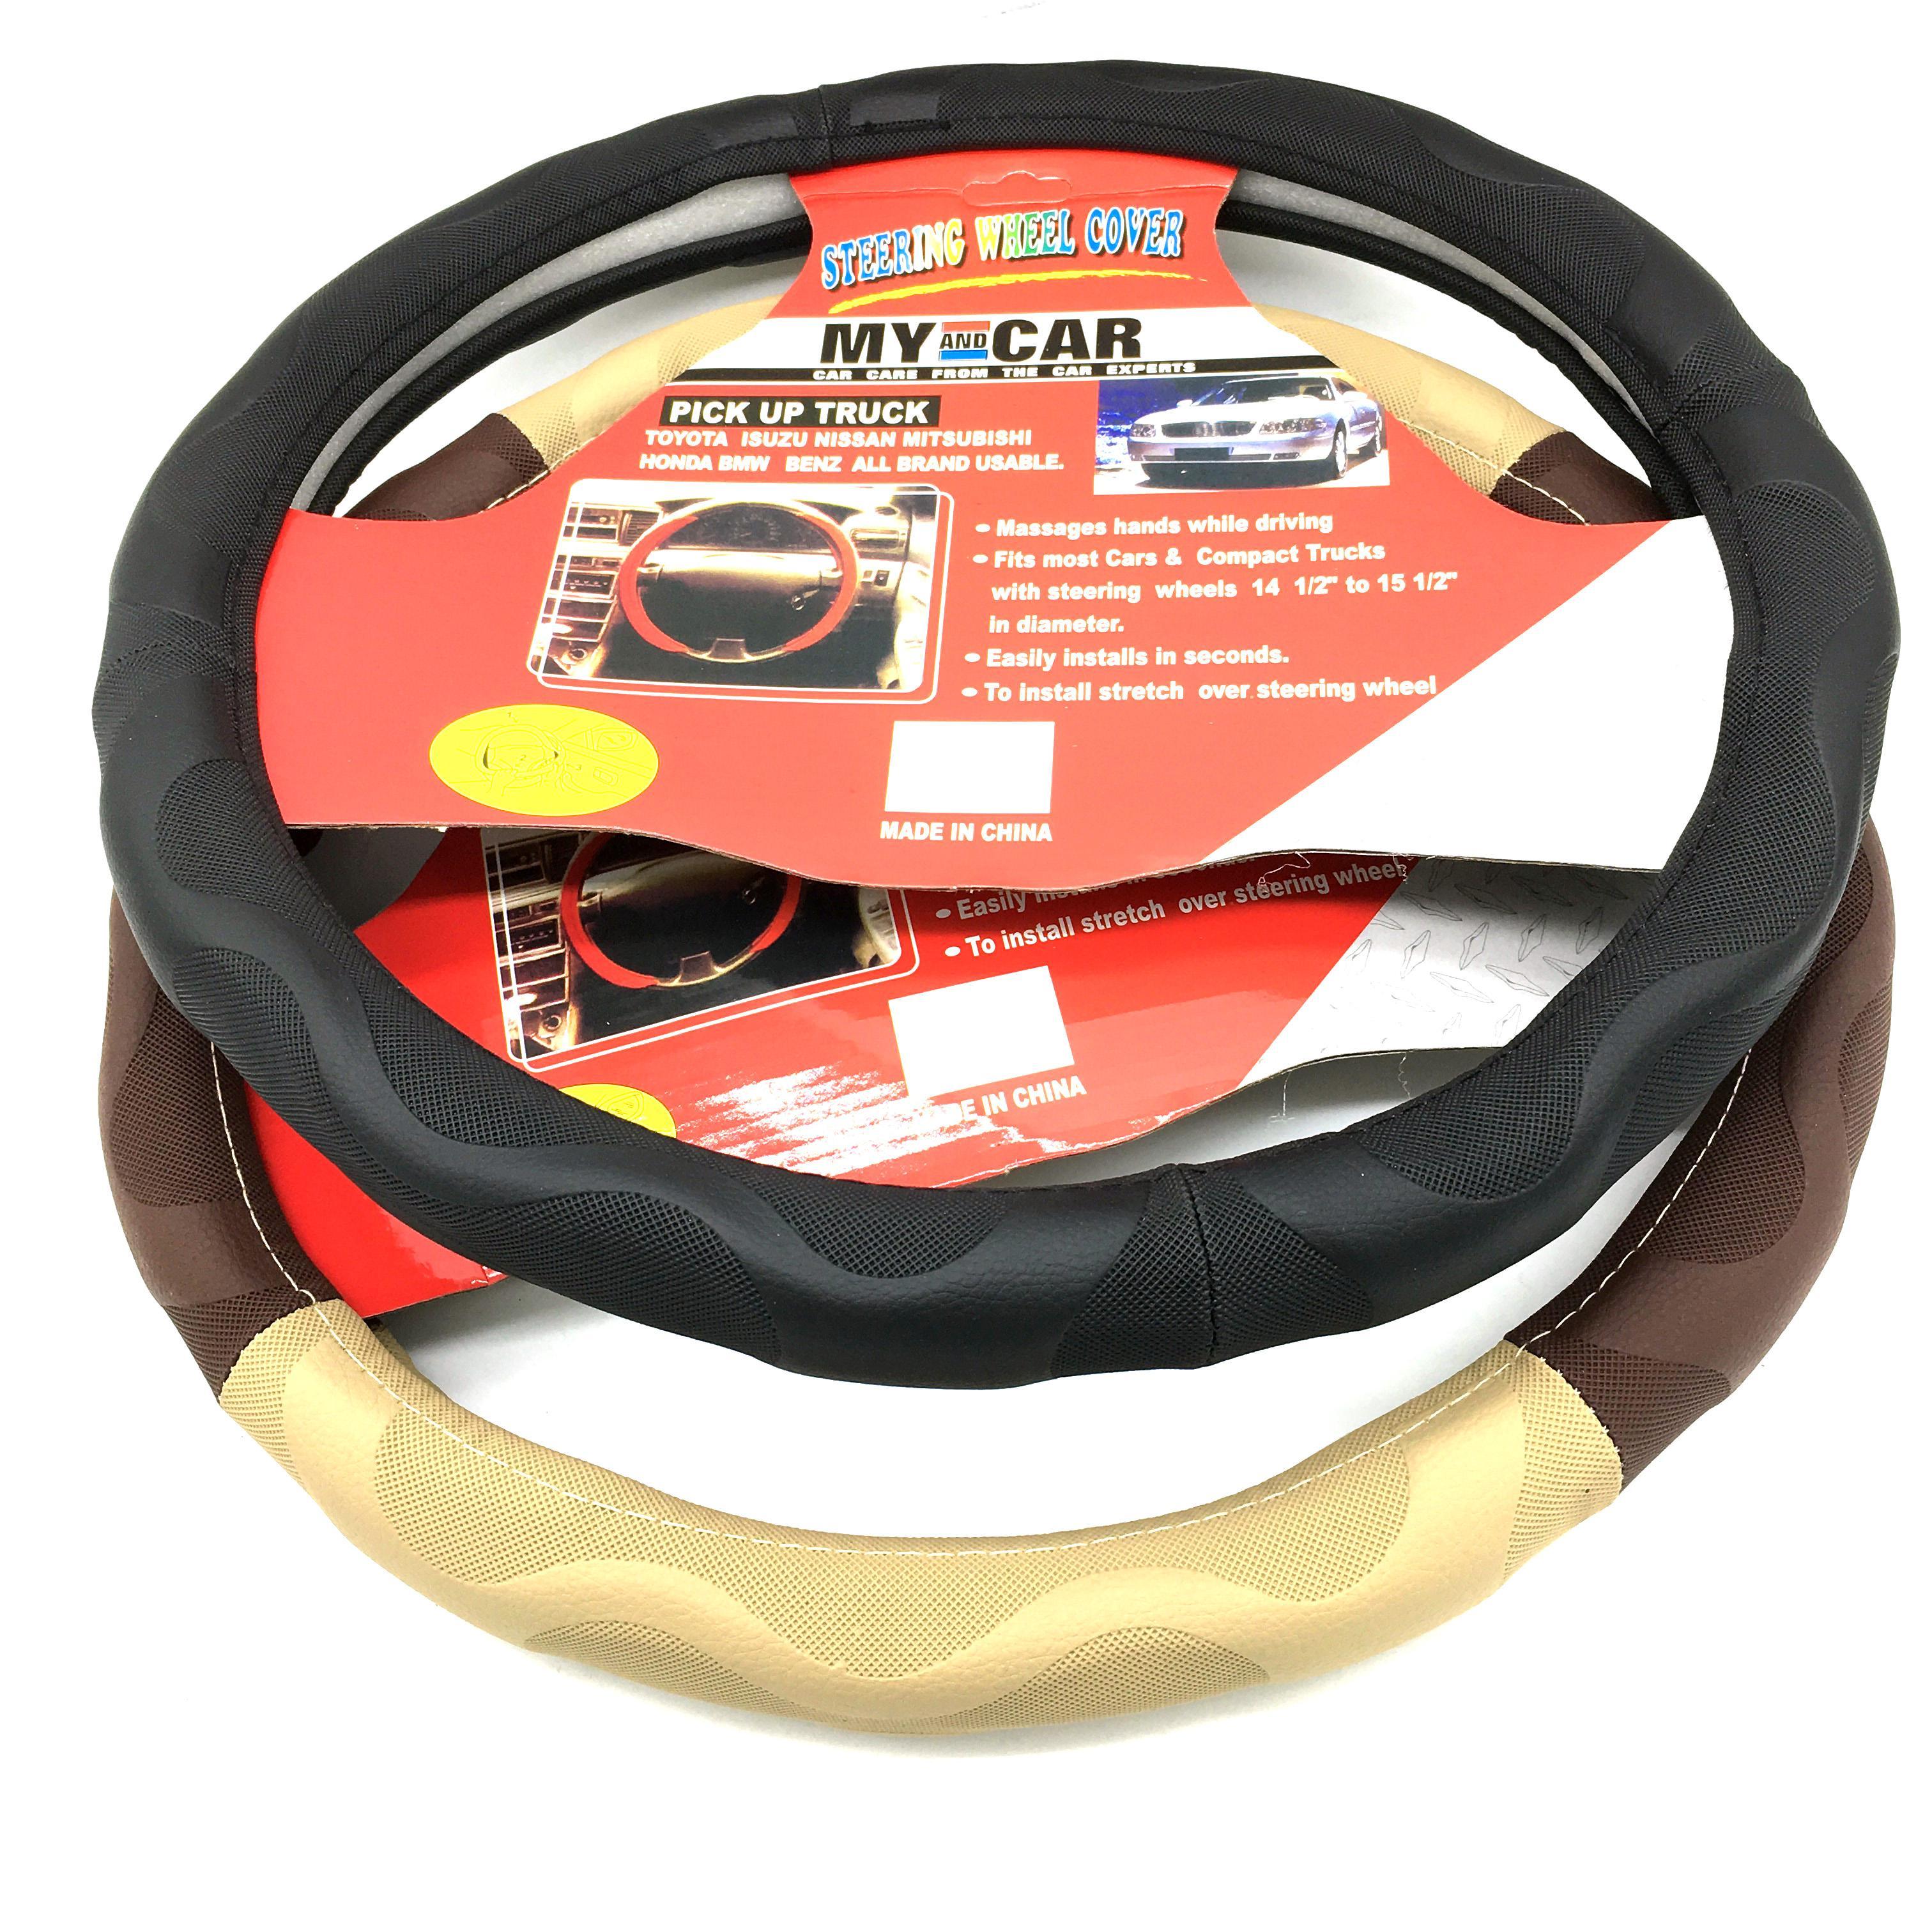 Vỏ bọc vô lăng 2 màu, vỏ bao bánh lái, cần lái xe hơi, xe ôtô, nhiều kích cỡ phù hợp đường kính bánh lái từ 36 đến 40 cm phù hợp hầu hết xe 4-5-7 chỗ và xe tải_BVL02 - 3